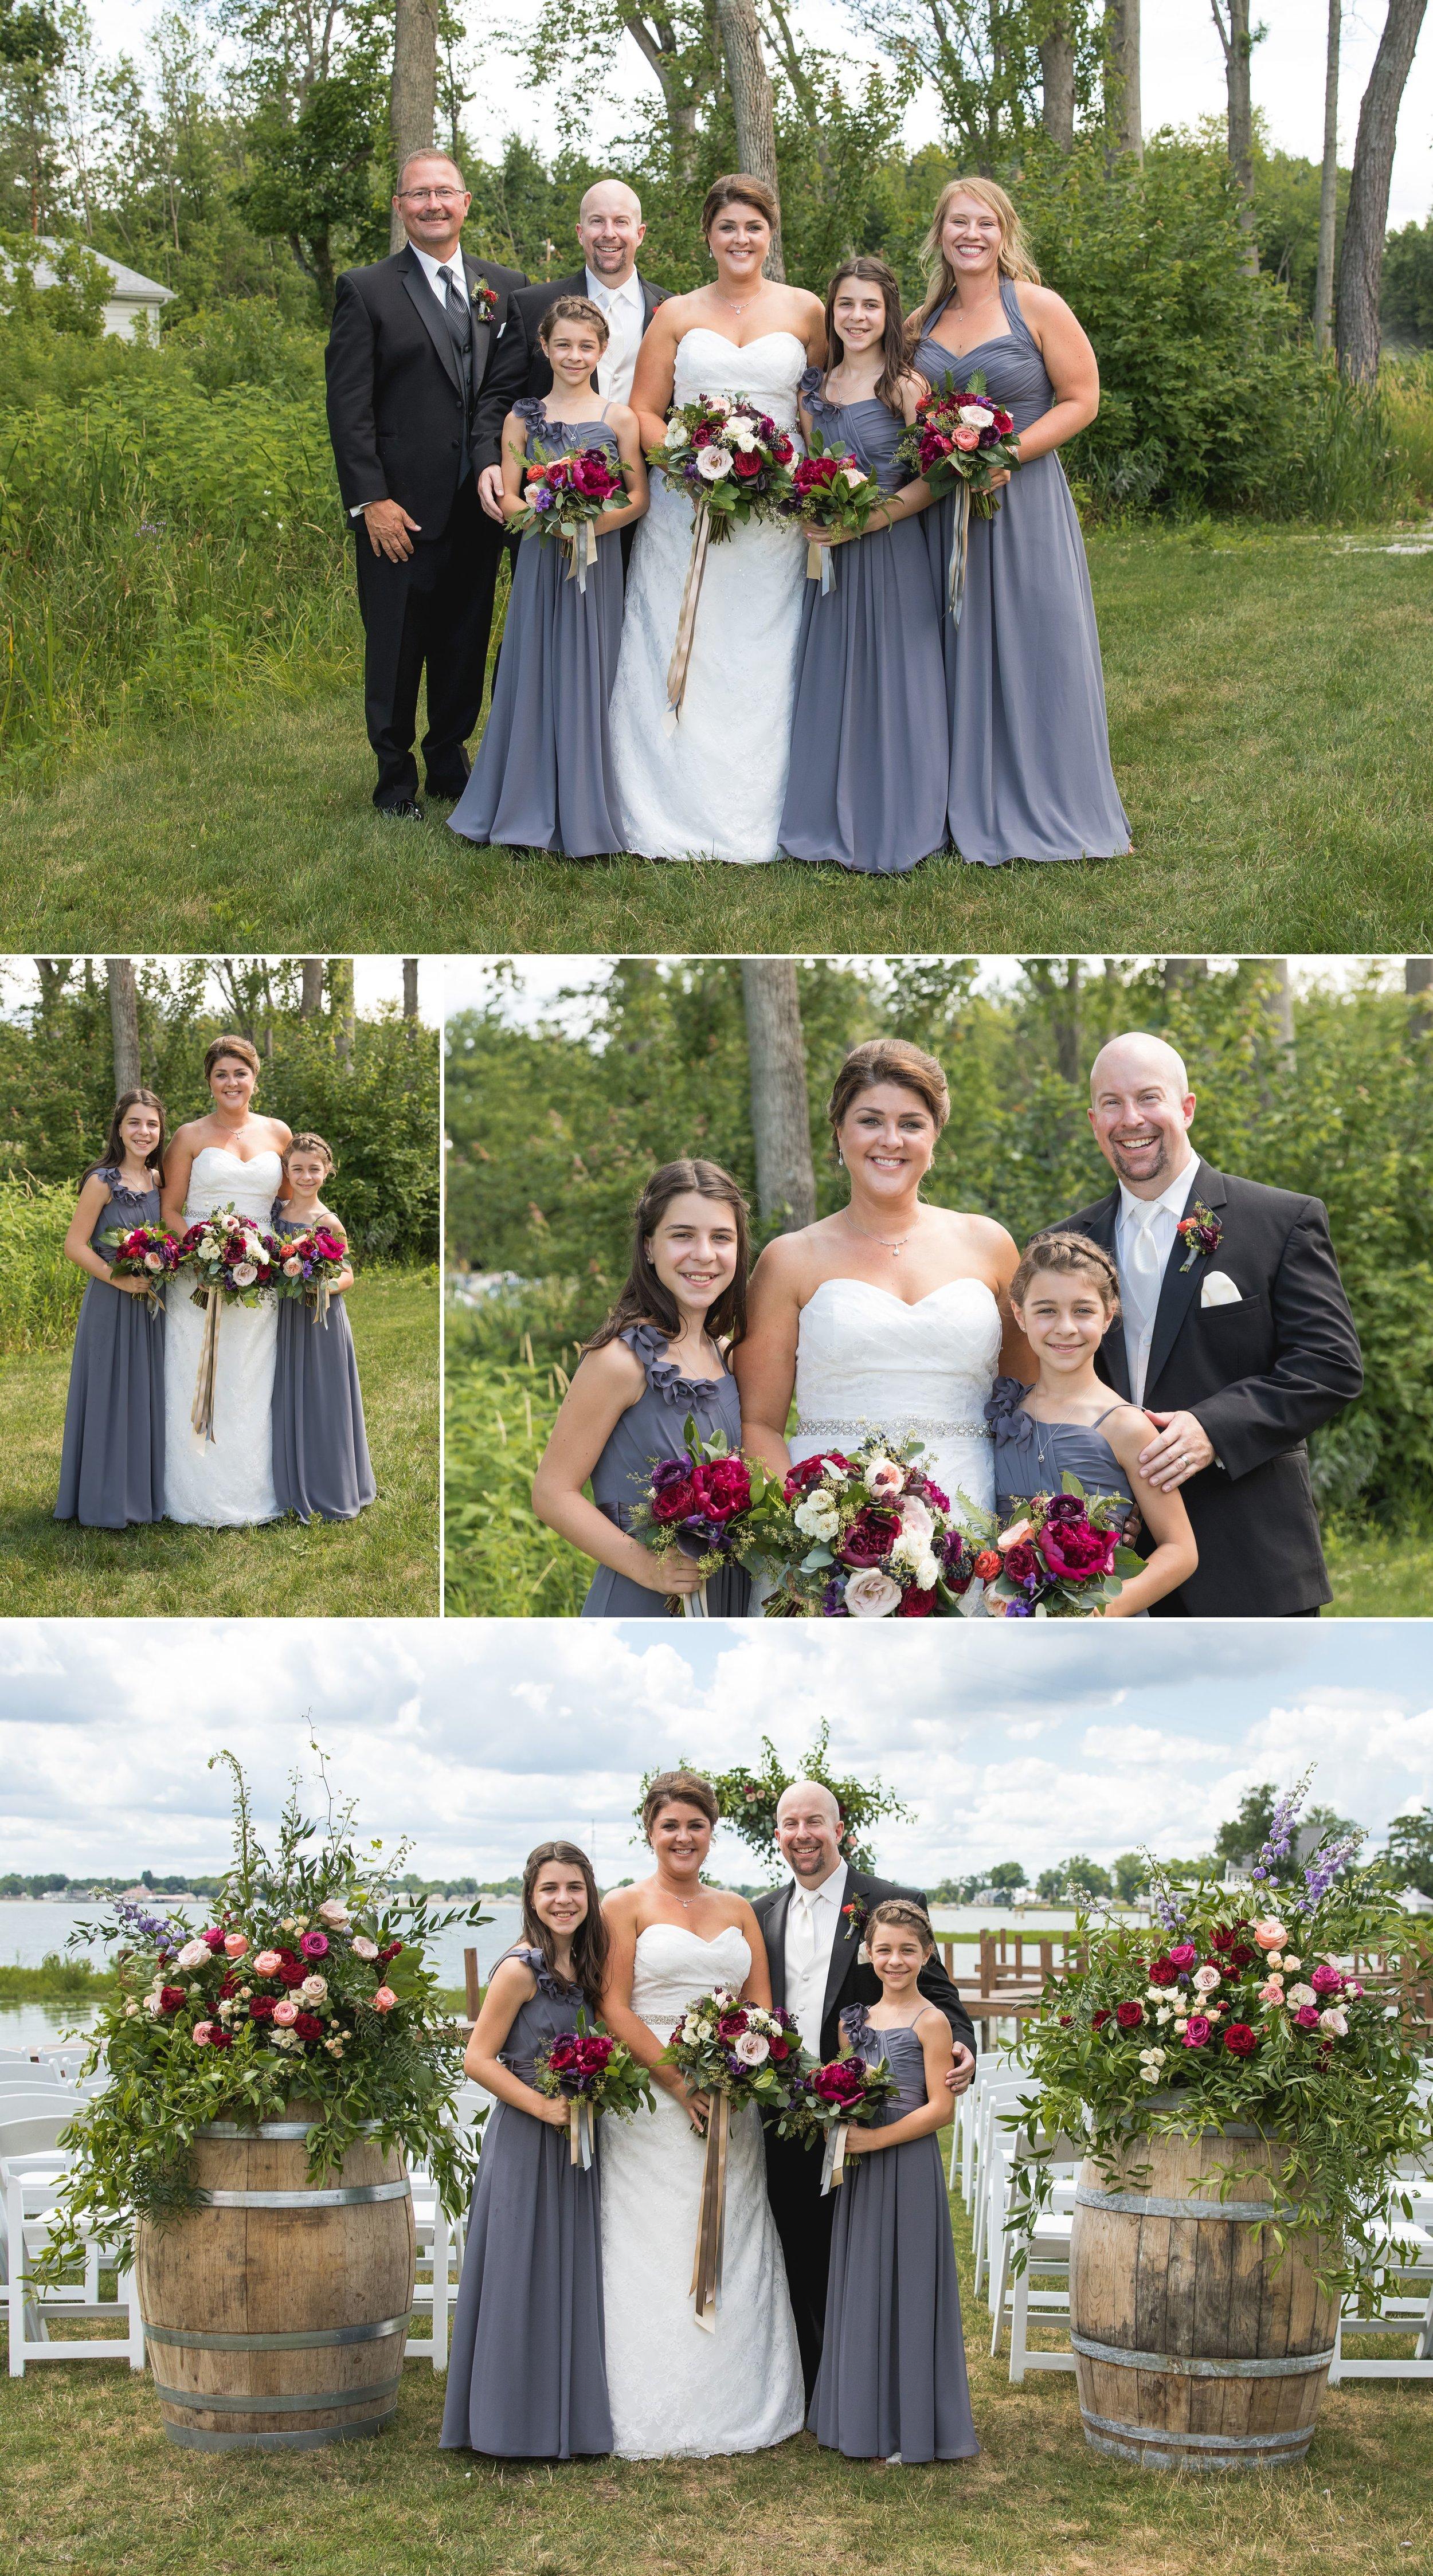 008-Buckeye-lake-winery-wedding-couple-wedding-party-portraits-columbus-ohio-wedding-muschlitz-photography-06.JPG